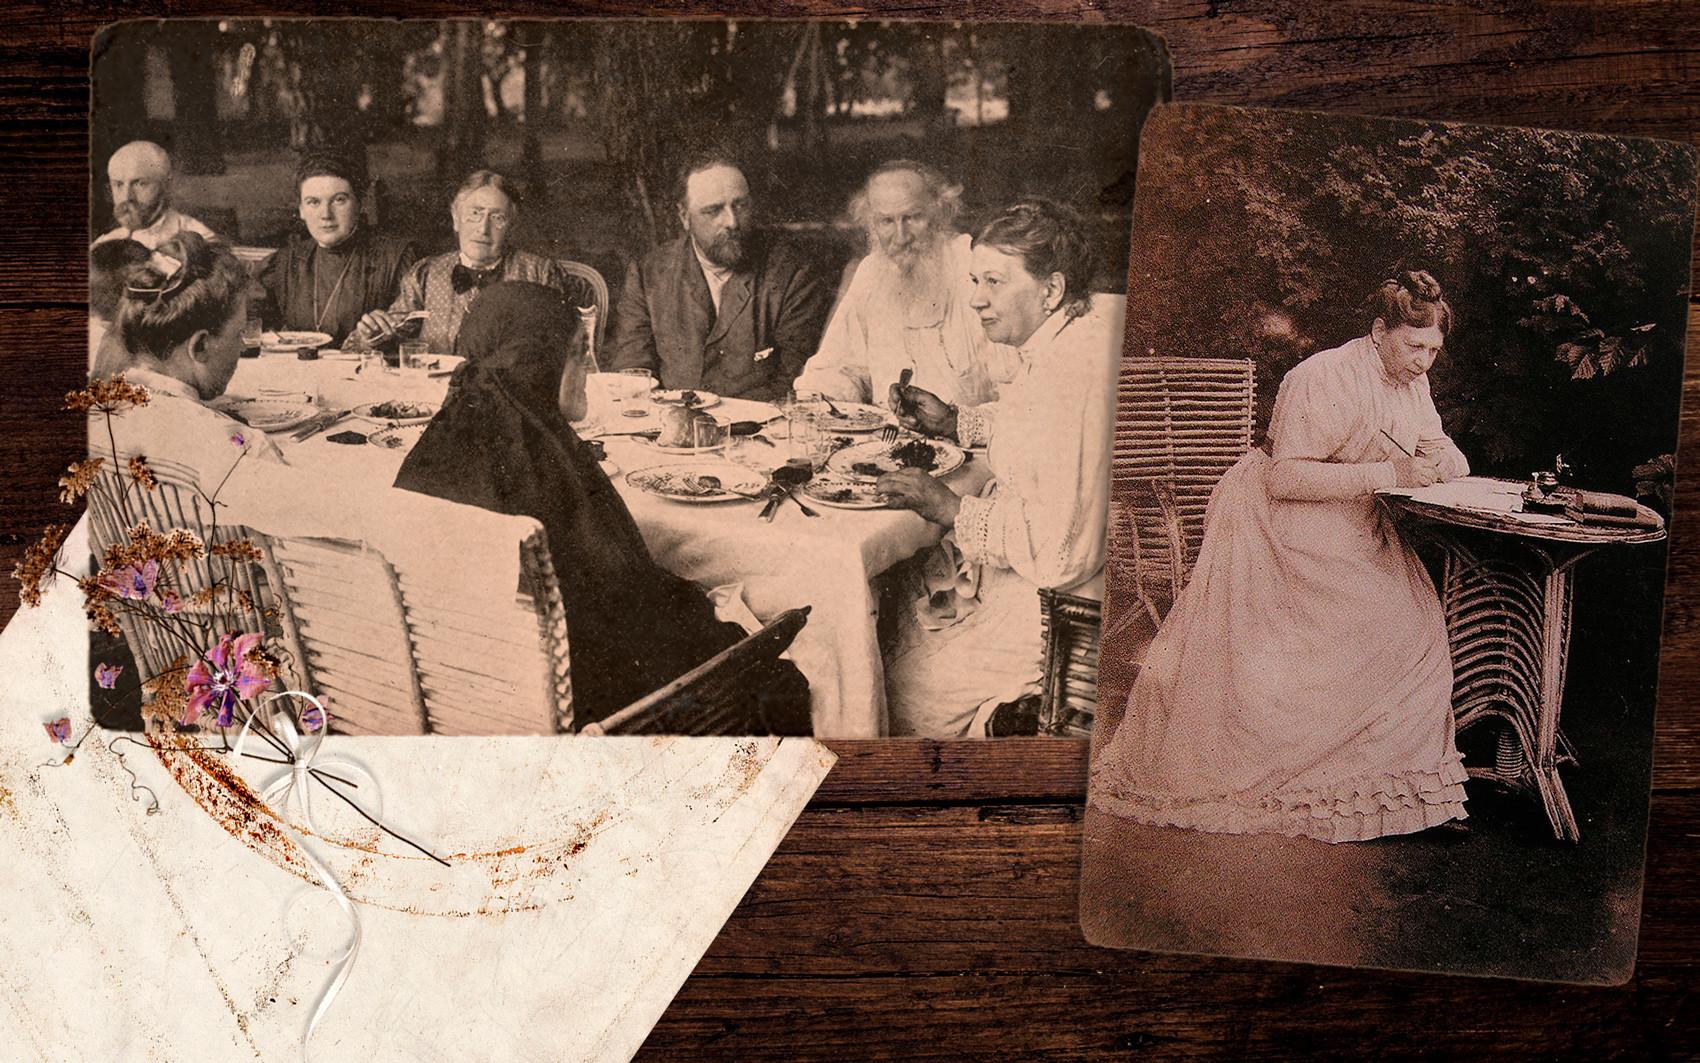 Семејството Толстој собрано во Јасна Полјана; Софија Андреевна Толстој, жената на Лав Толстој